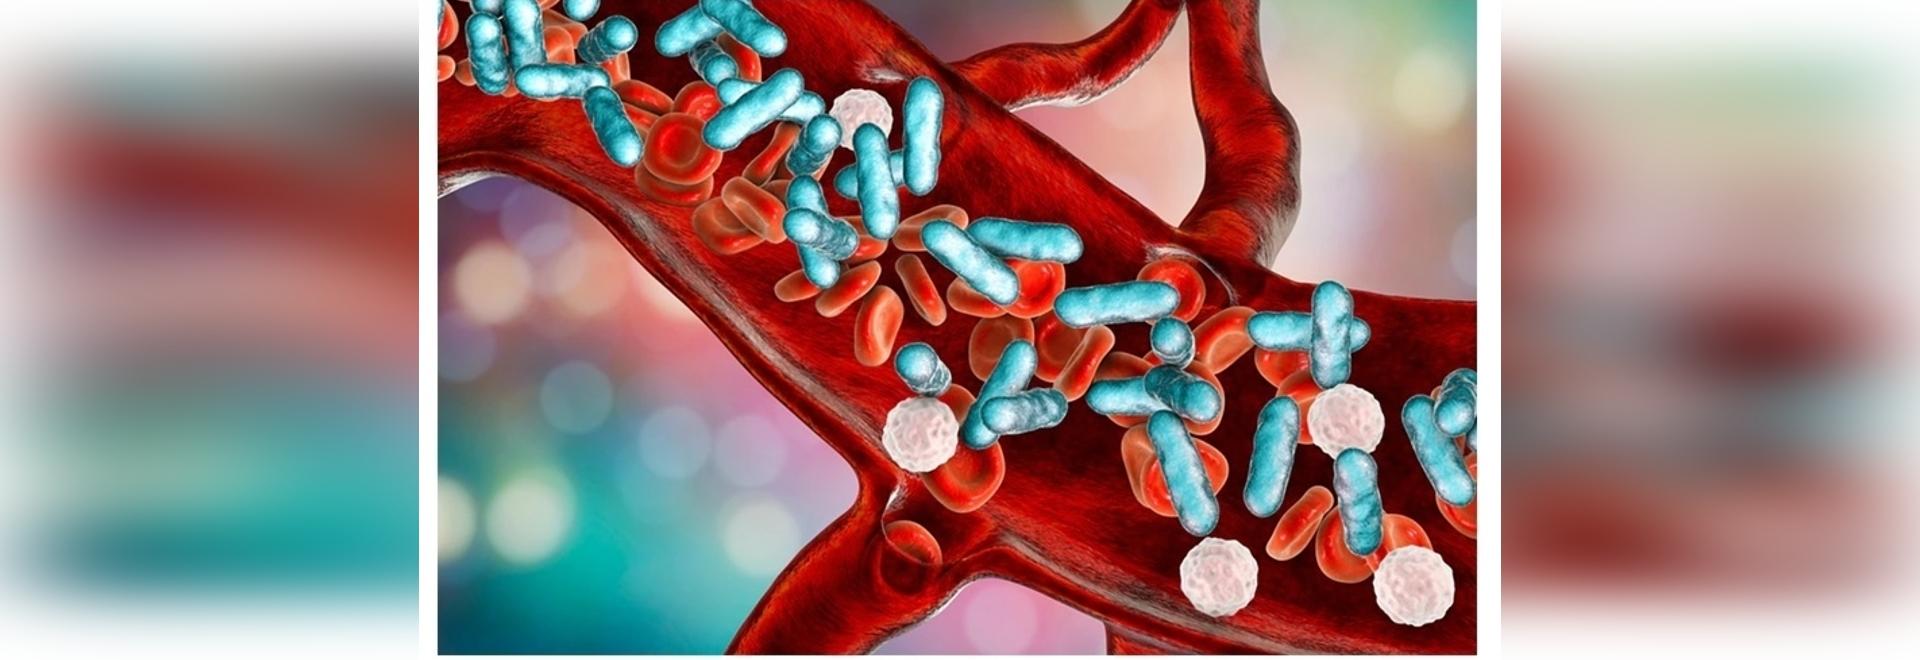 Vaccin à base de biomatériaux contre les infections bactériennes